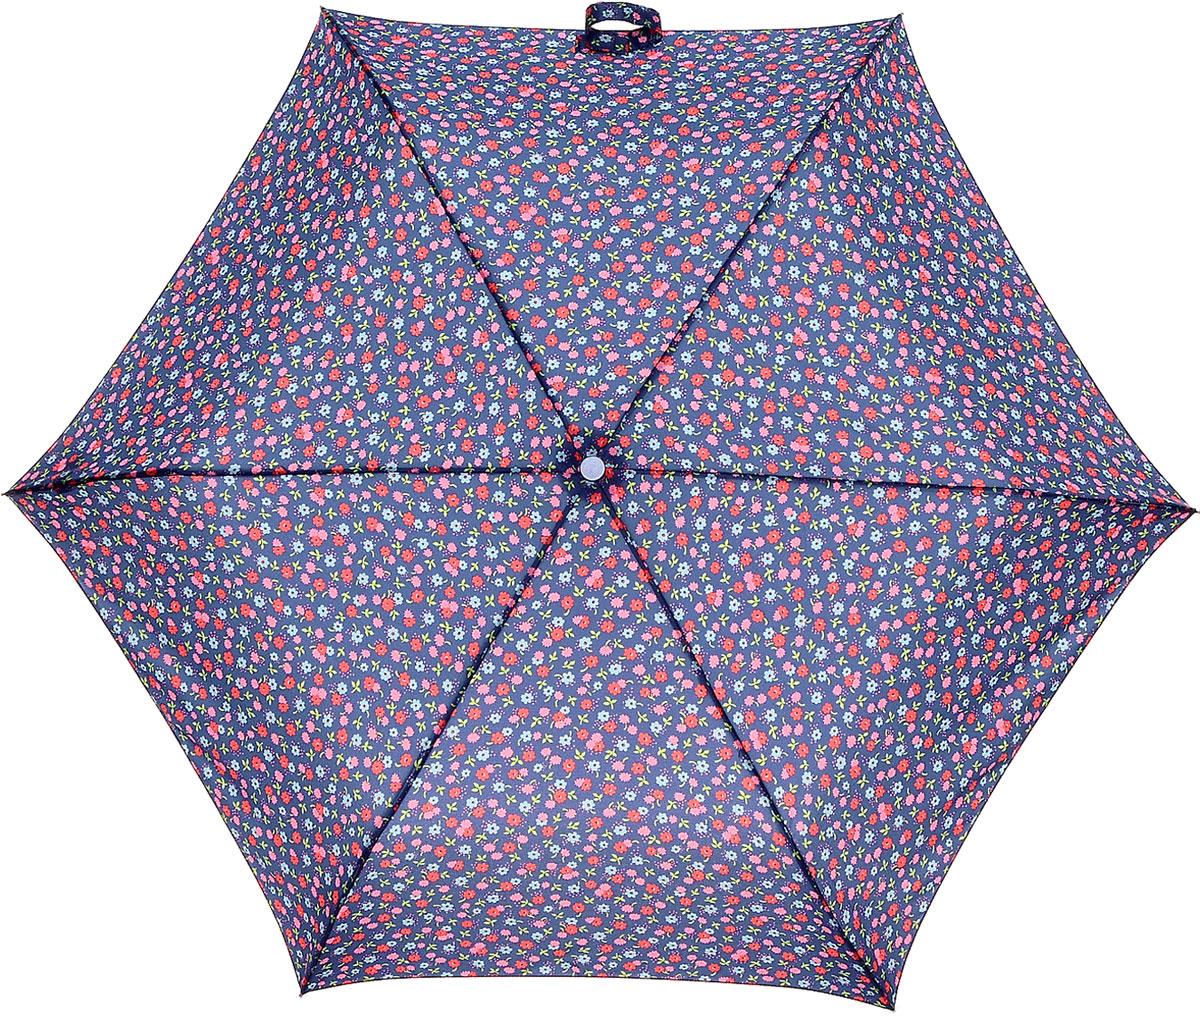 Зонт женский Cath Kidston Minilite, механический, 3 сложения, цвет: фиолетовый, мультиколор. L768-2945Бусы-ошейникСтильный механический зонт Cath Kidston Minilite в 3 сложения даже в ненастную погоду позволит вам оставаться элегантной. Облегченный каркас зонта выполнен из 8 спиц из фибергласса и алюминия, стержень также изготовлен из алюминия, удобная рукоятка - из пластика. Купол зонта выполнен из прочного полиэстера. В закрытом виде застегивается хлястиком на липучке. Яркий оригинальный цветочный принт поднимет настроение в дождливый день.Зонт механического сложения: купол открывается и закрывается вручную до характерного щелчка.На рукоятке для удобства есть небольшой шнурок, позволяющий надеть зонт на руку тогда, когда это будет необходимо. К зонту прилагается чехол с небольшой нашивкой с названием бренда. Такой зонт компактно располагается в кармане, сумочке, дверке автомобиля.